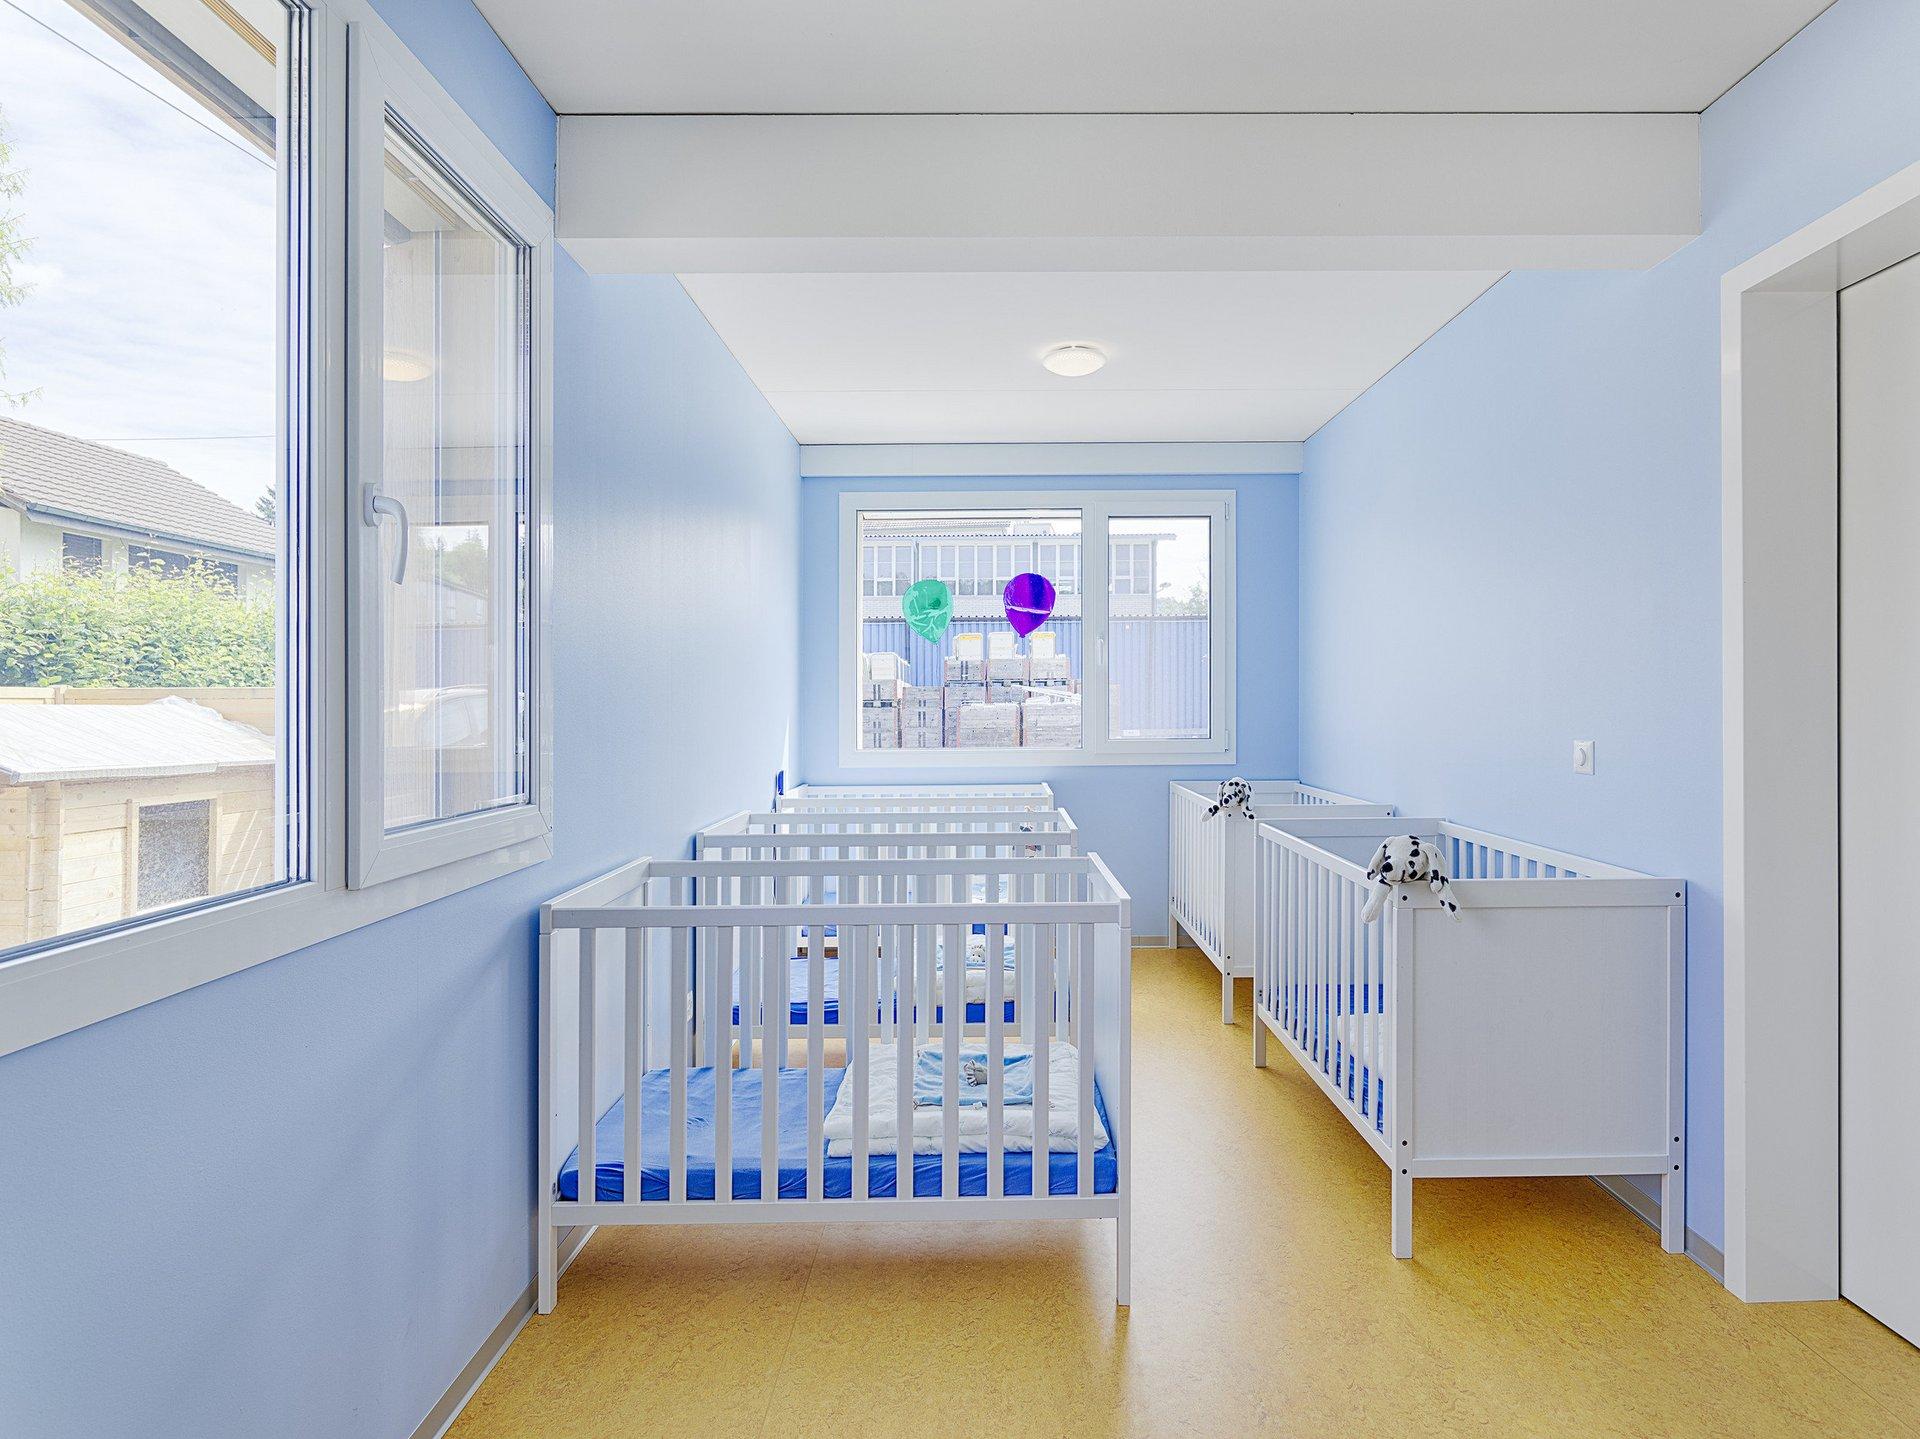 Ruheraum Kinderkrippe in farbenfroher Atmosphäre